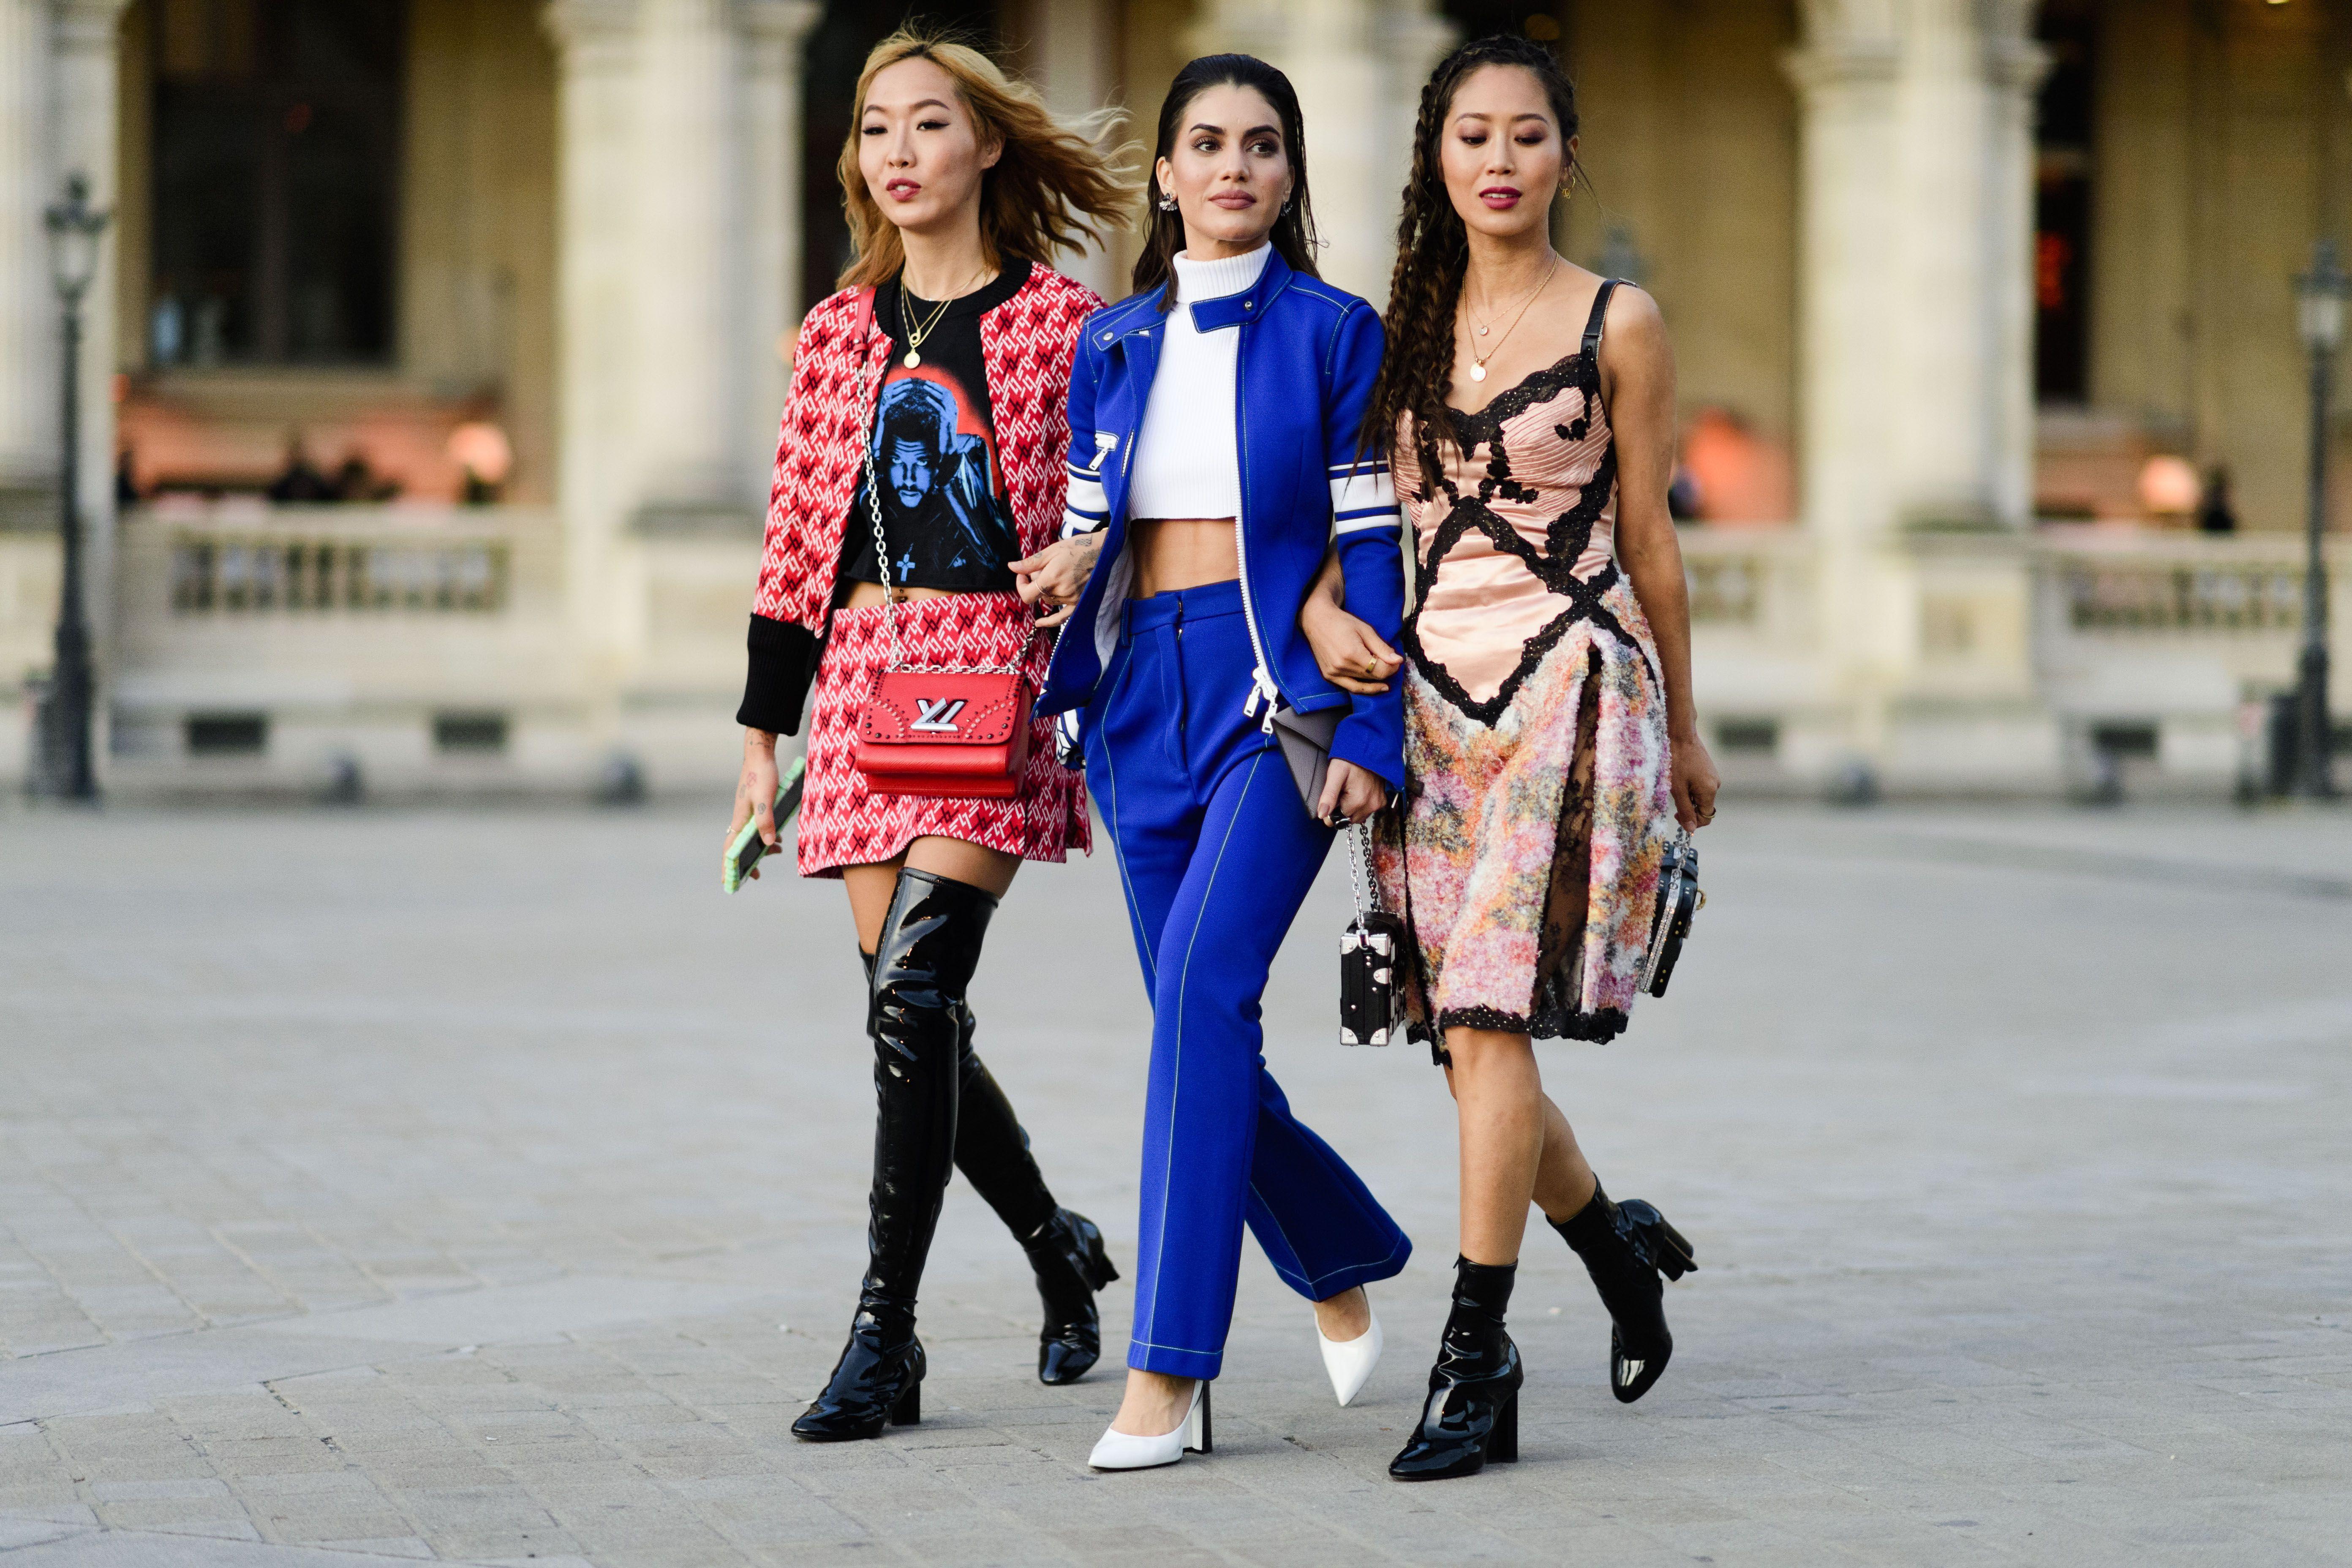 Fadhion Bloggerin Deutschland 2019: The Best Street Style From Paris Fashion Week